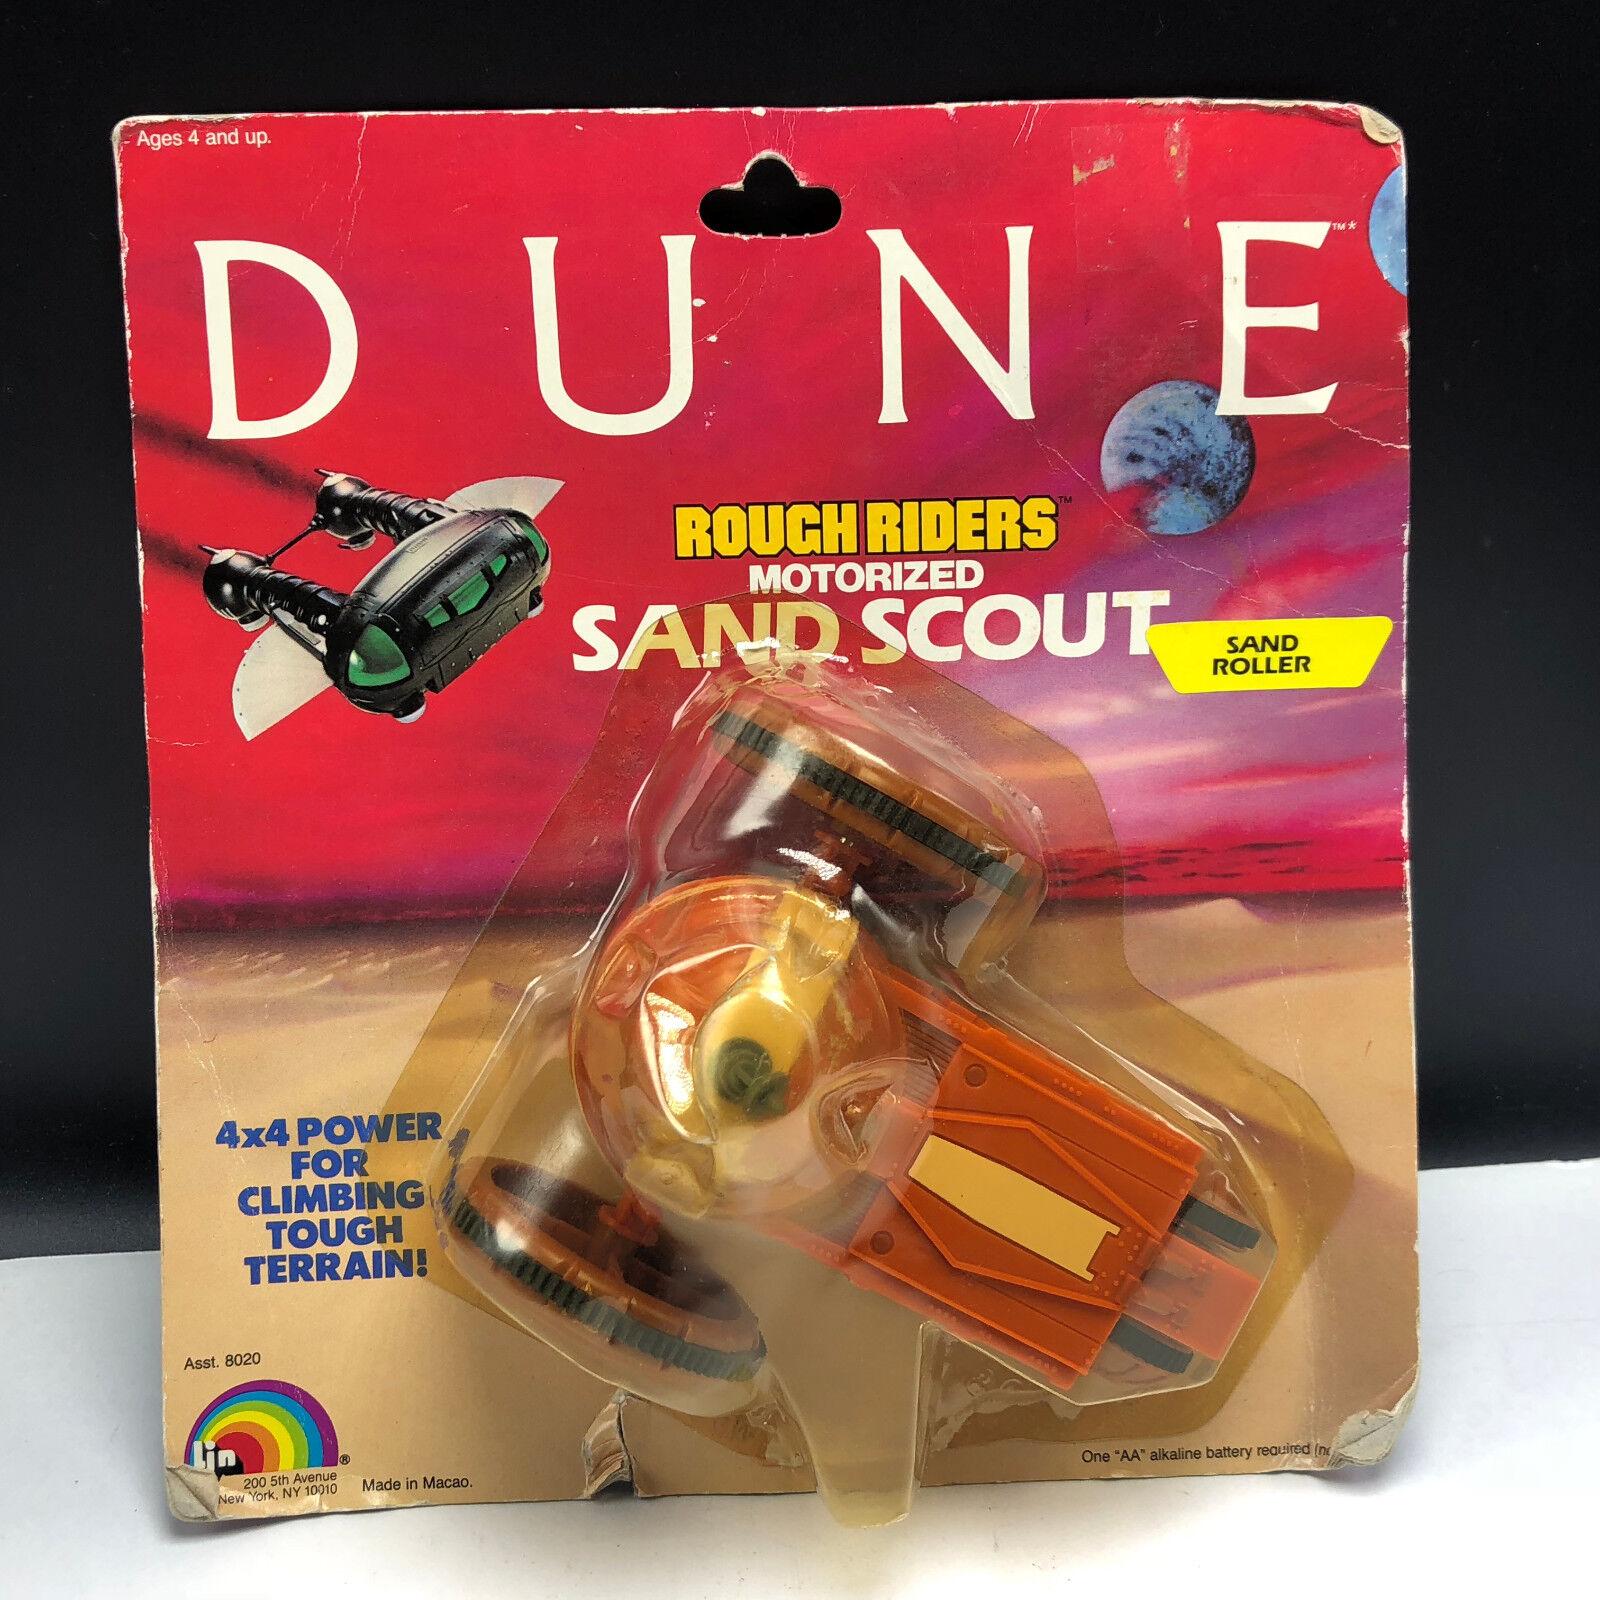 VINTAGE DUNE ACTION FIGURE 1984 LJN  MOC rough riders motorized sand scout roller  magnifique